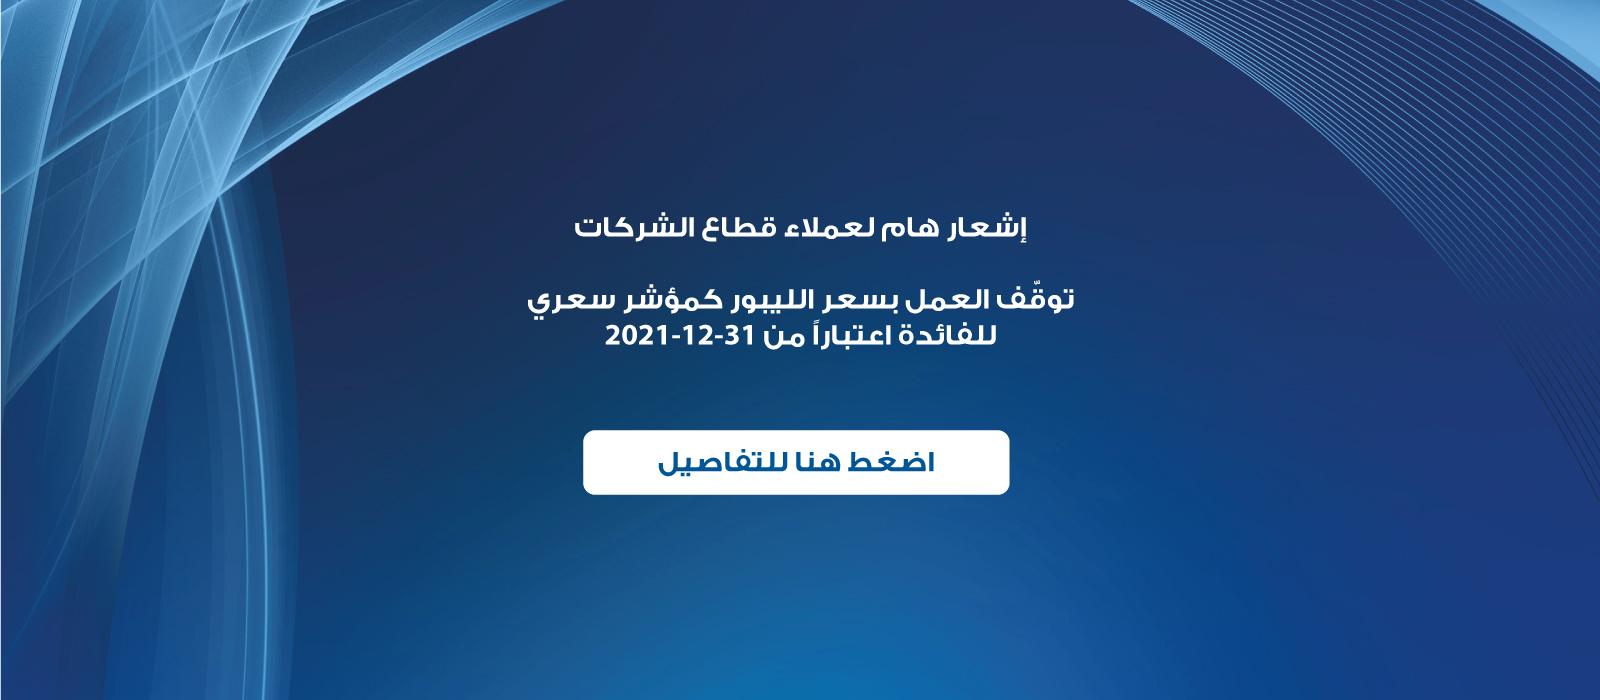 Website-banner-1600x700-A